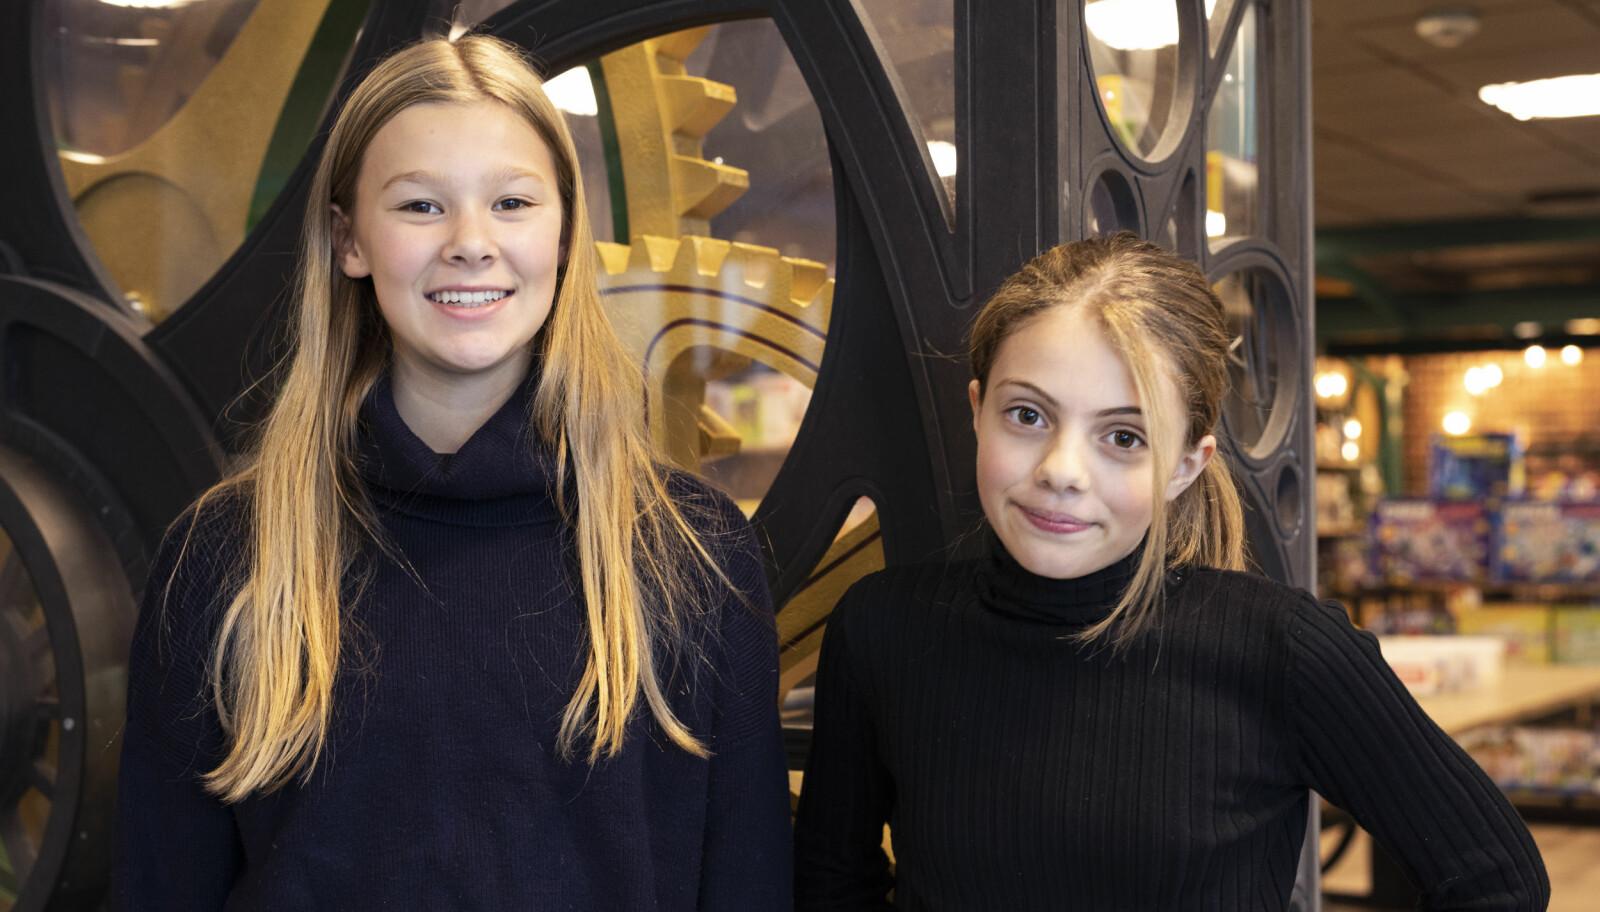 Det er veldig gøy her. Vi får gjøre flere eksperimenter enn på skolen, sier Elina (12). Tale (11, til høyre) er også talentsenteret på Teknisk museum. Foto: Maja Ljungberg Bjaaland